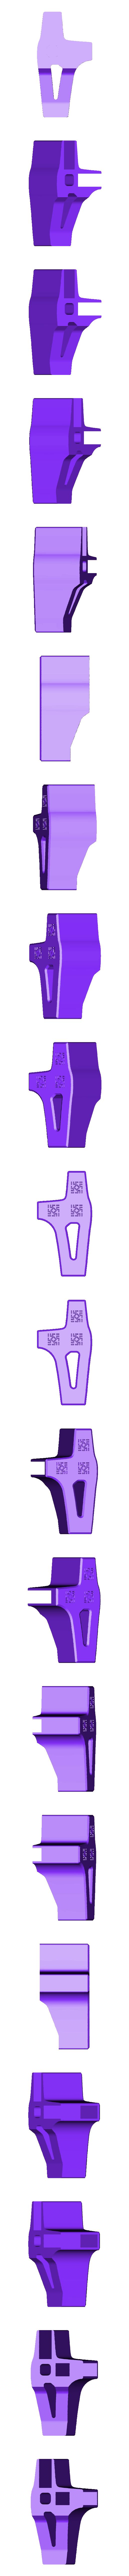 Shelv___Lg__Right_.stl Télécharger fichier STL gratuit Zavr - Système d'étagères modulaires pour les filles courageuses • Objet pour impression 3D, shumeyko